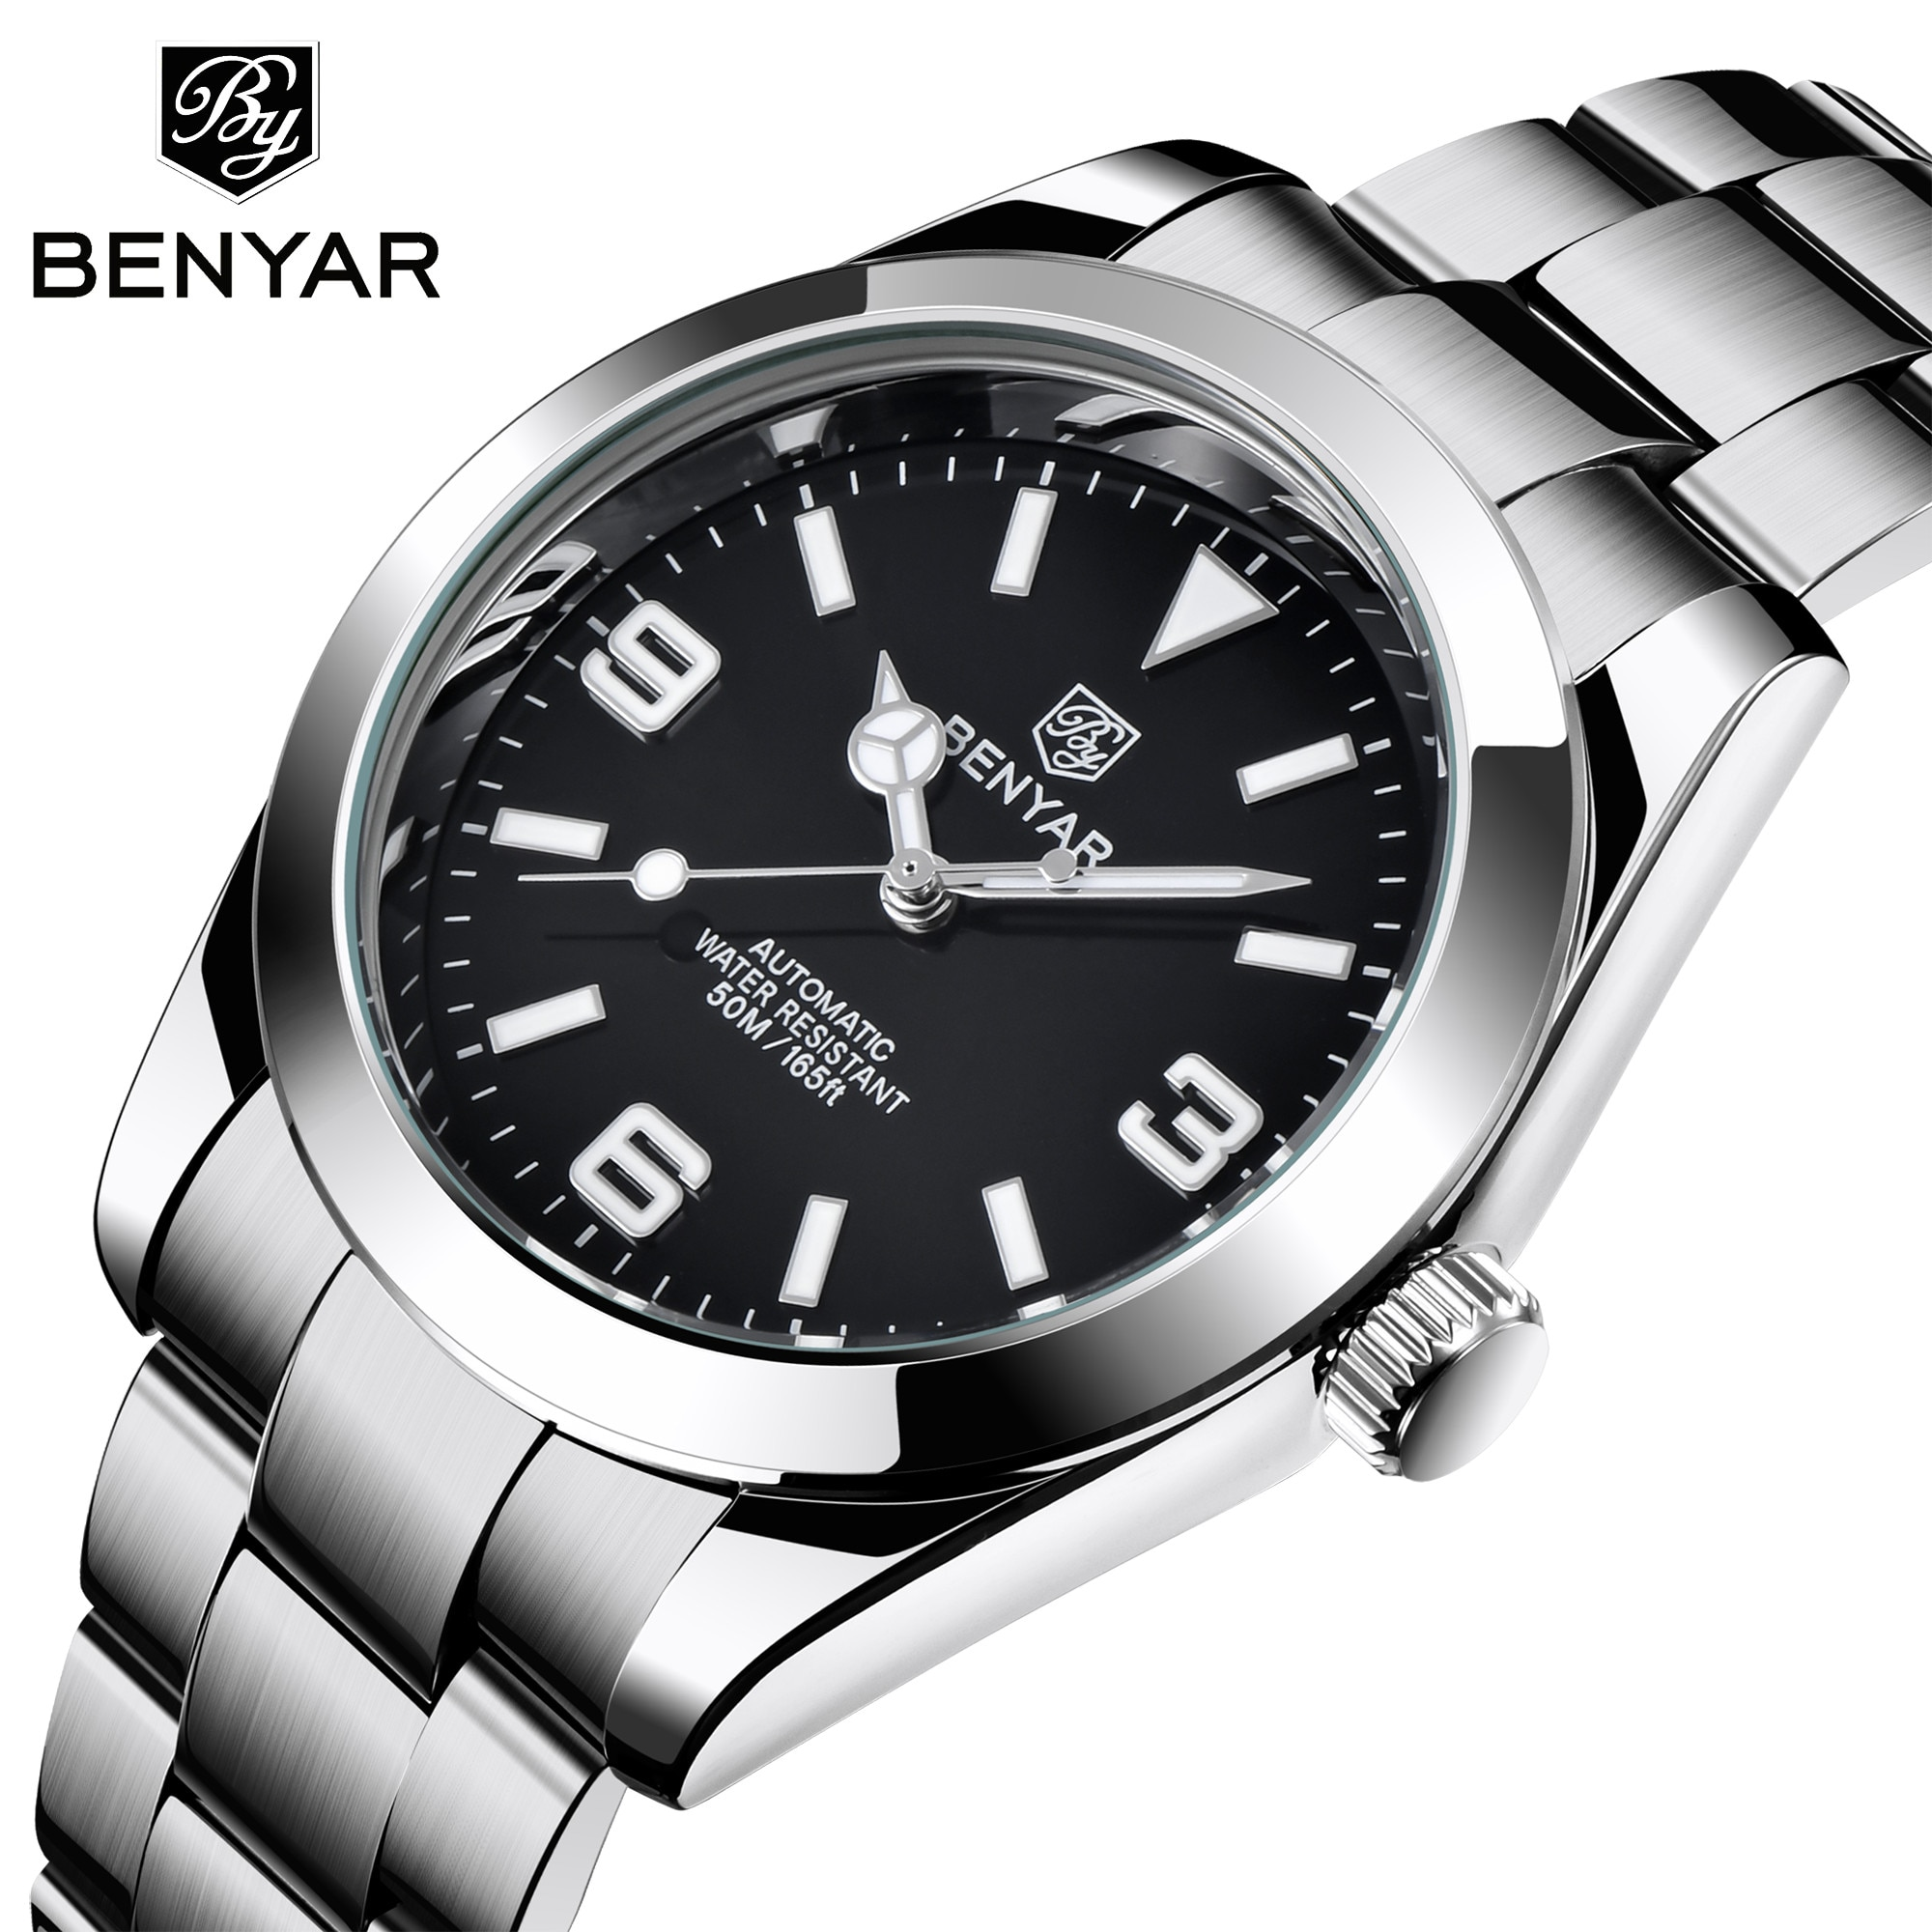 Marca de Luxo Relógio de Pulso para Homem à Prova Relógio de Pulso Nova Benyar Relógios Masculinos Automáticos Aço Inoxidável Dwaterproof Água Luminosa Negócios 2021